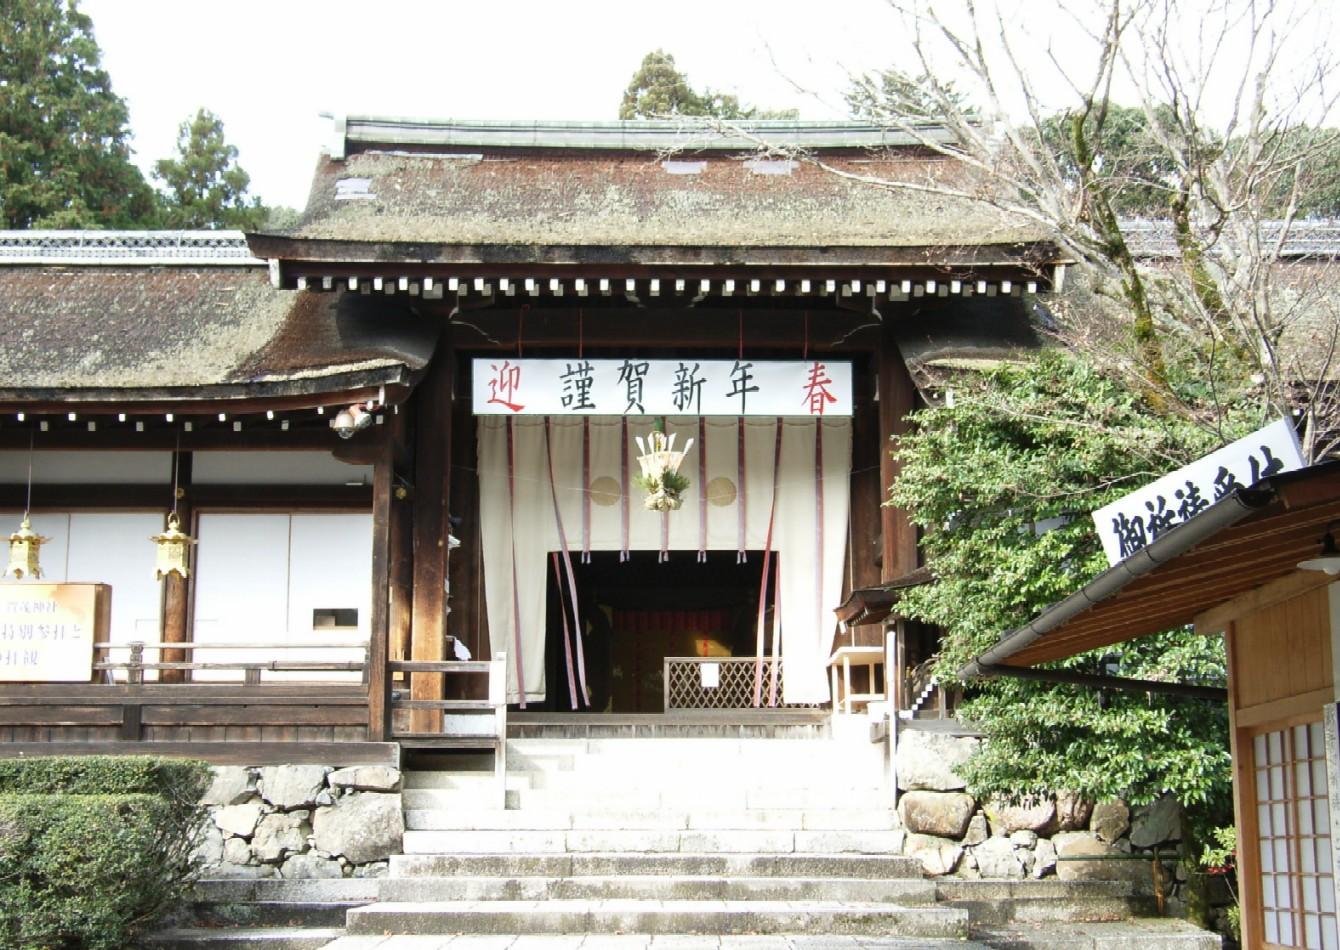 上賀茂神社 1日目 その2_d0091021_1105498.jpg